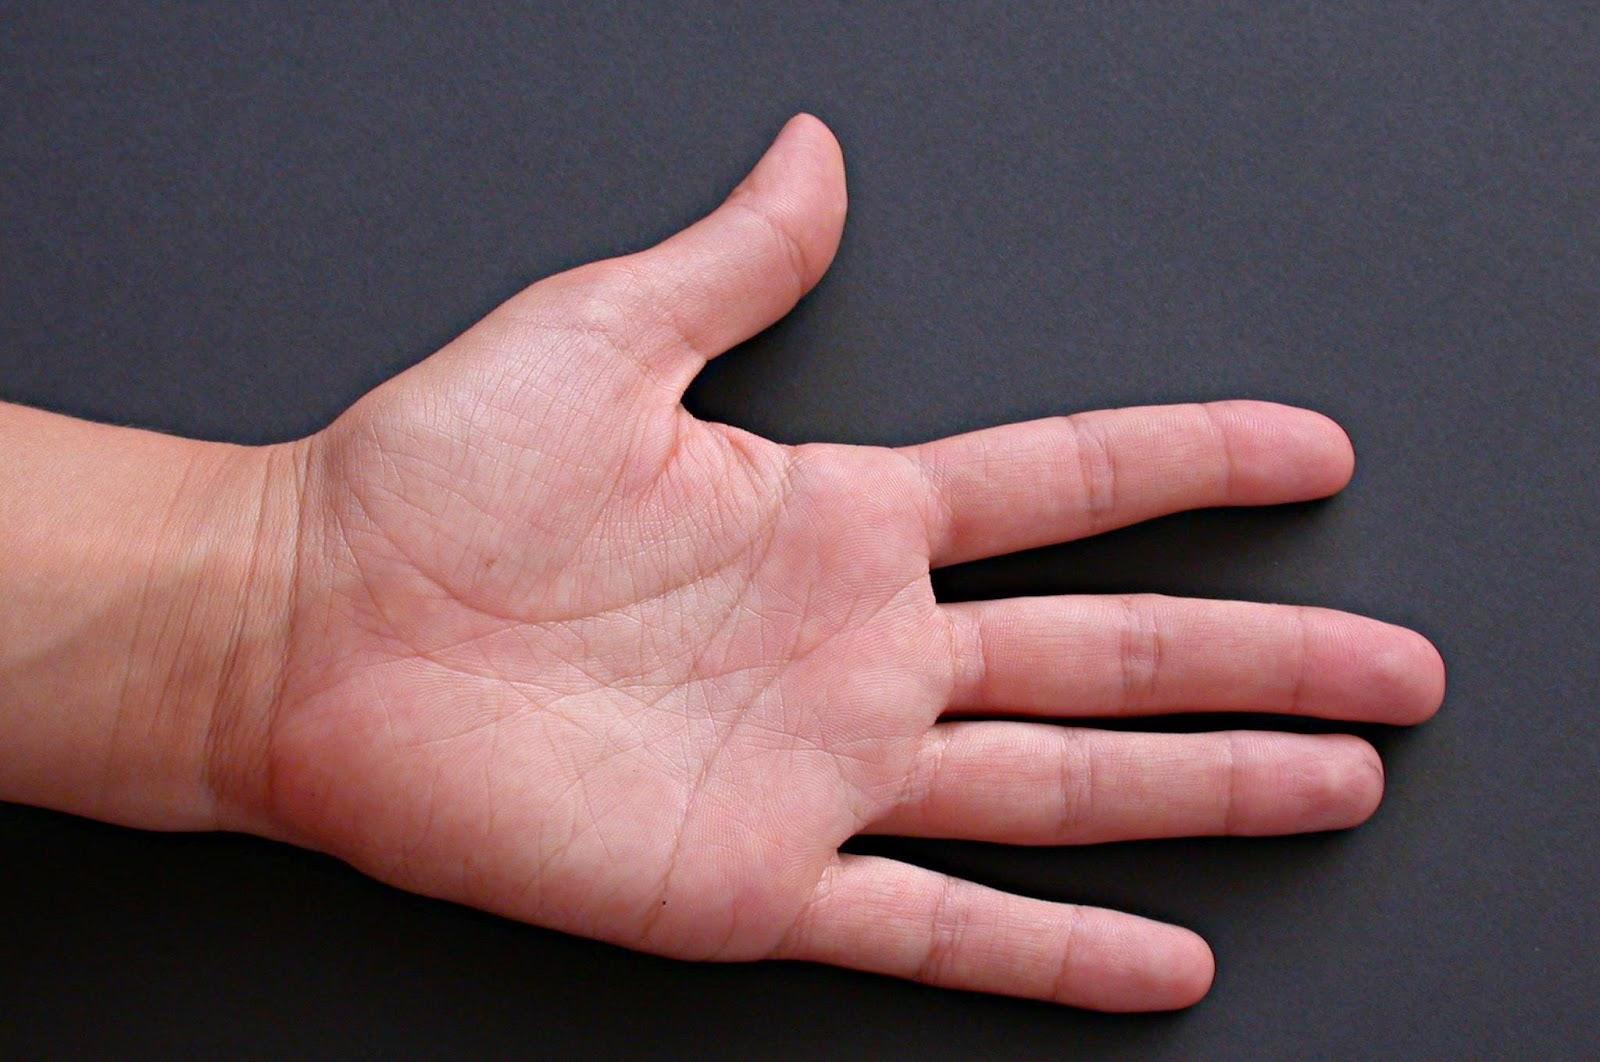 El tamaño de los dedos revela el grado de fidelidad